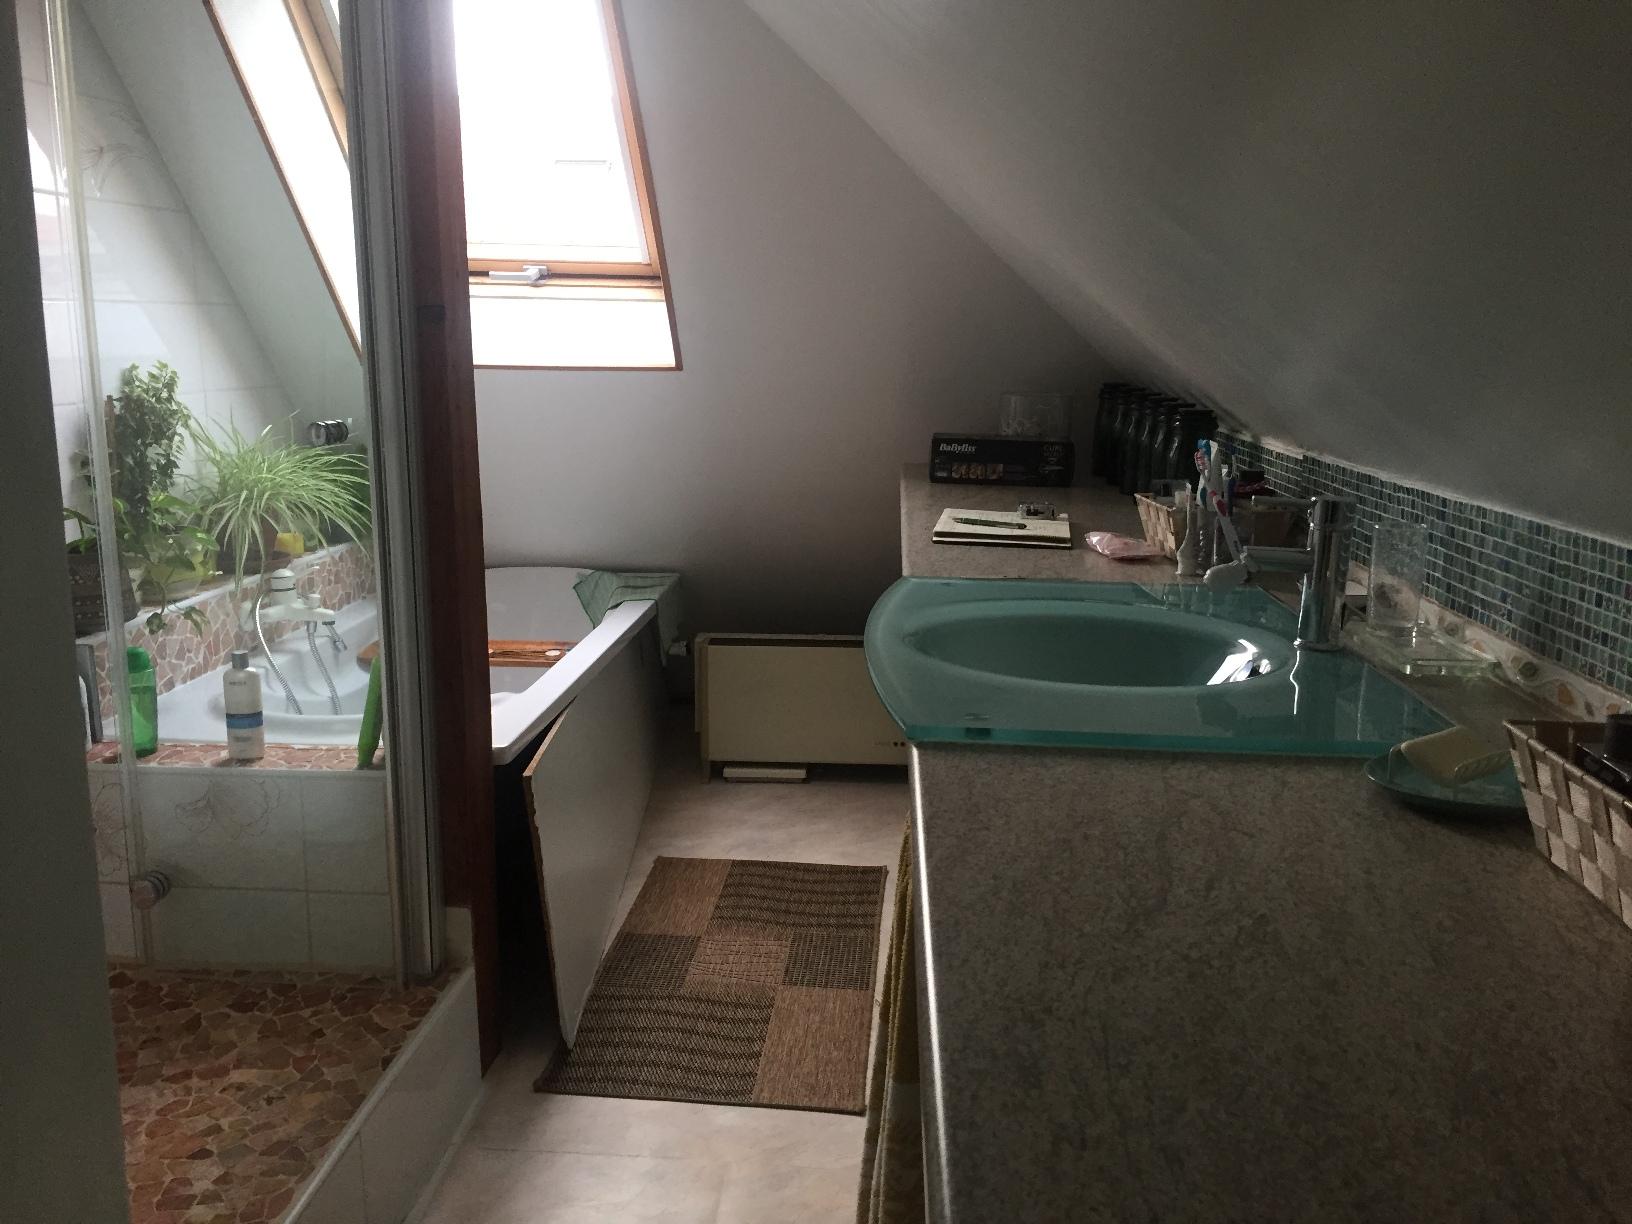 Rénovation d'une salle de bain sous les combles